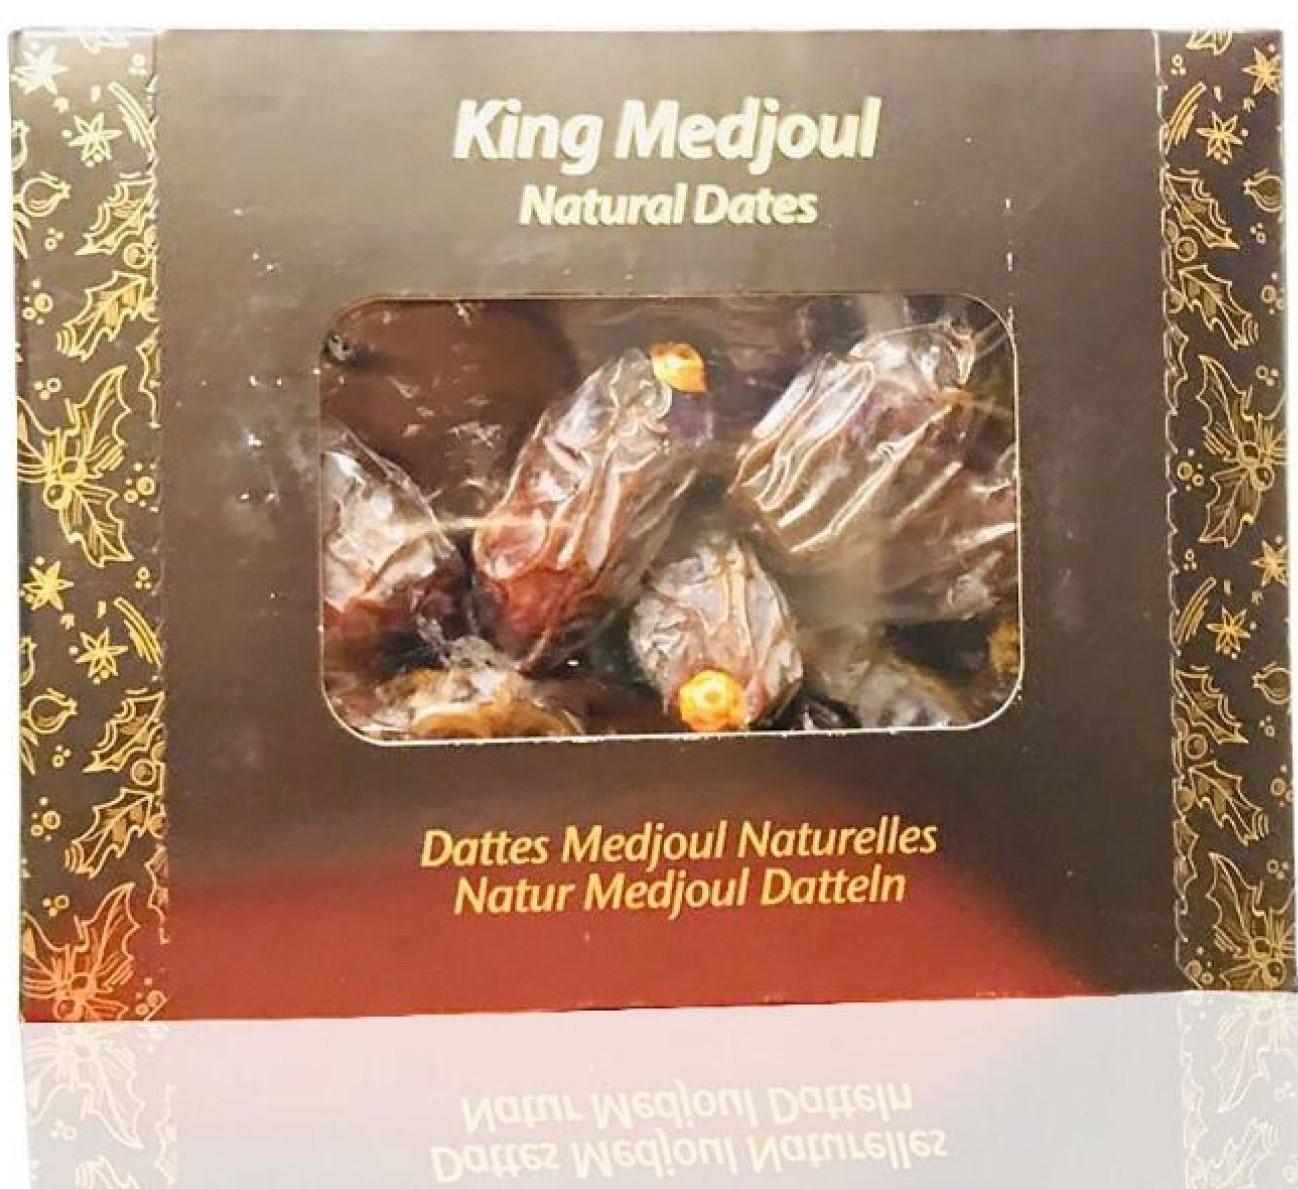 Datteln- King Medjoul - 800g  تمر مجدول